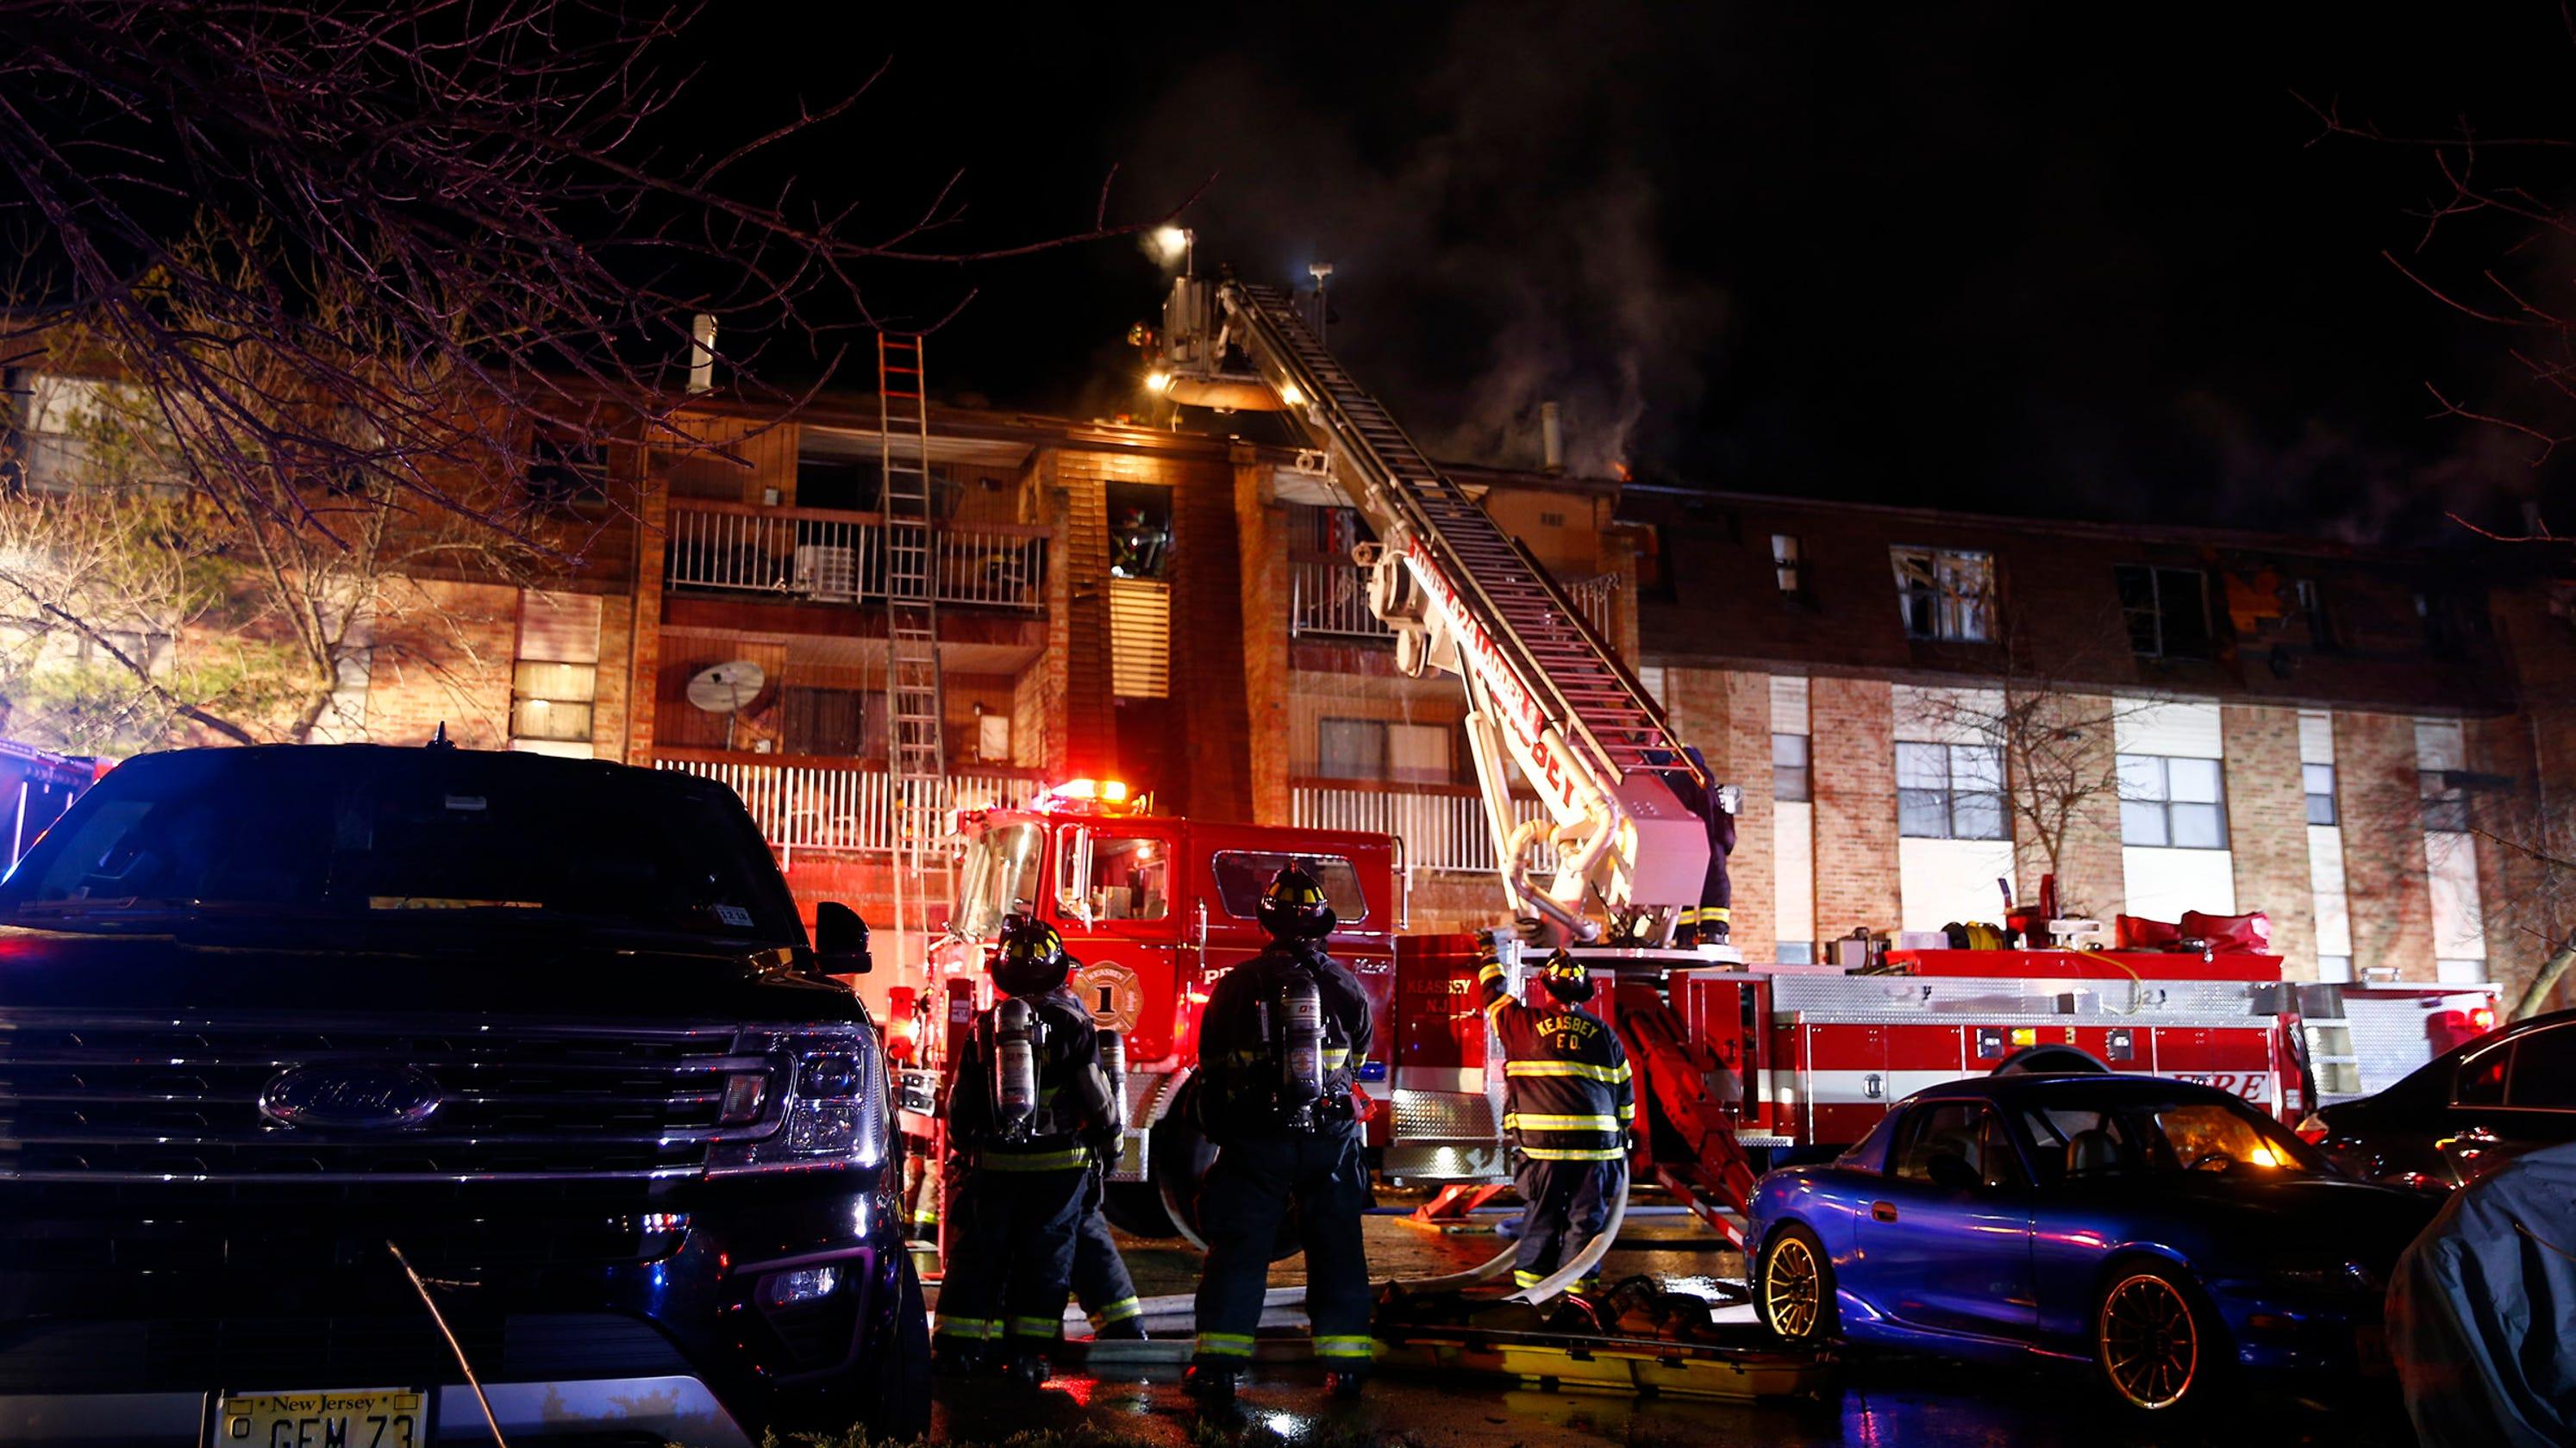 Woodbridge Hillside Gardens Apartment Fire Leaves 40 Homeless